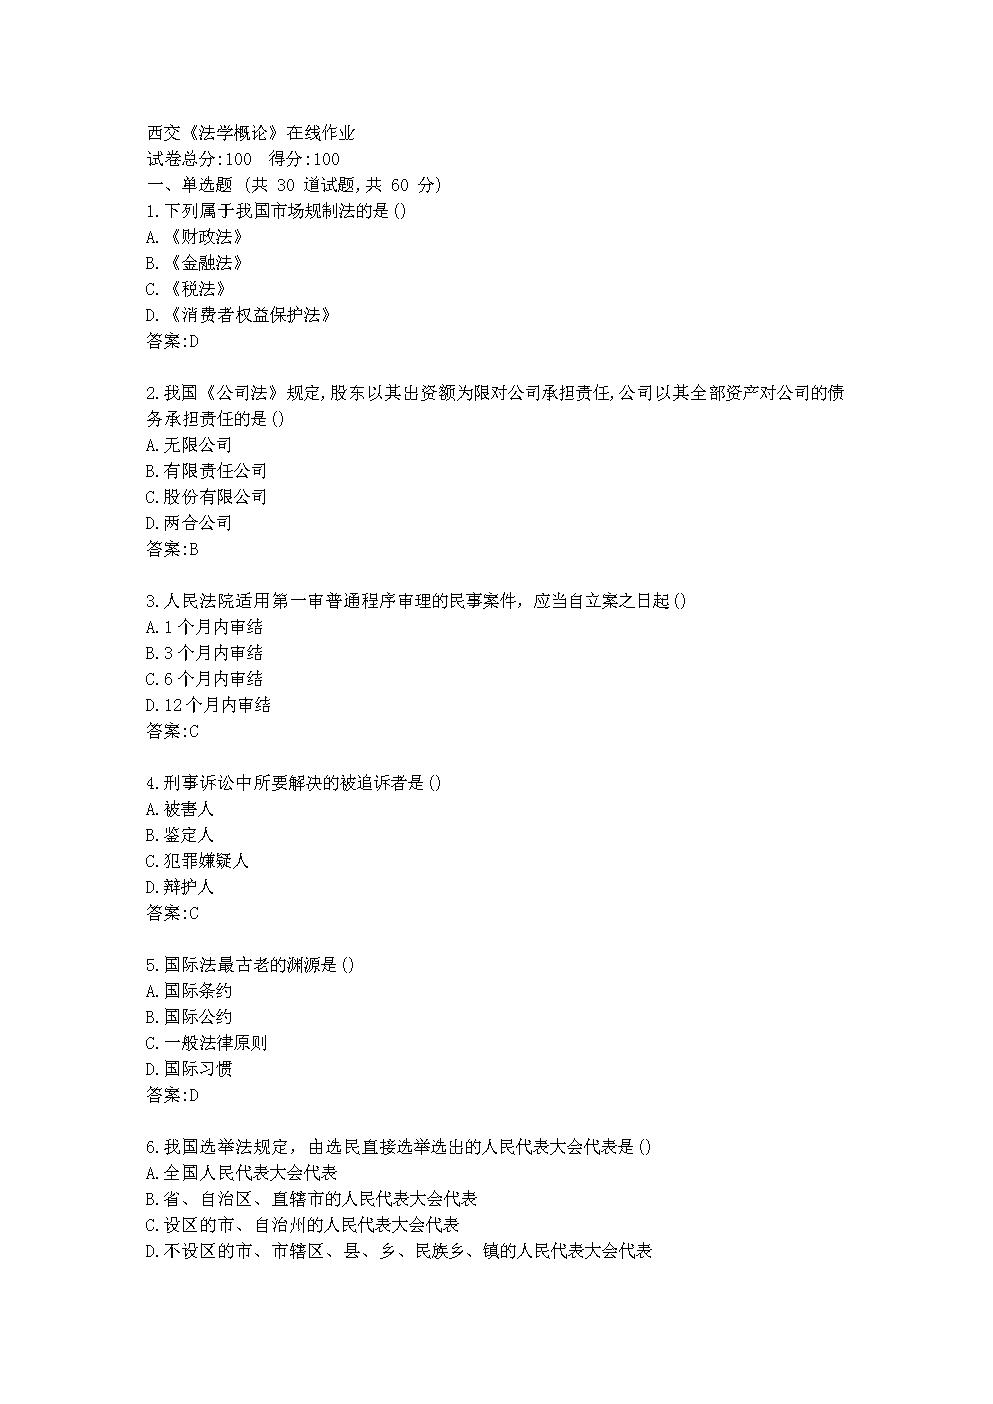 西交20秋《法学概论》在线作业【标准答案】.docx